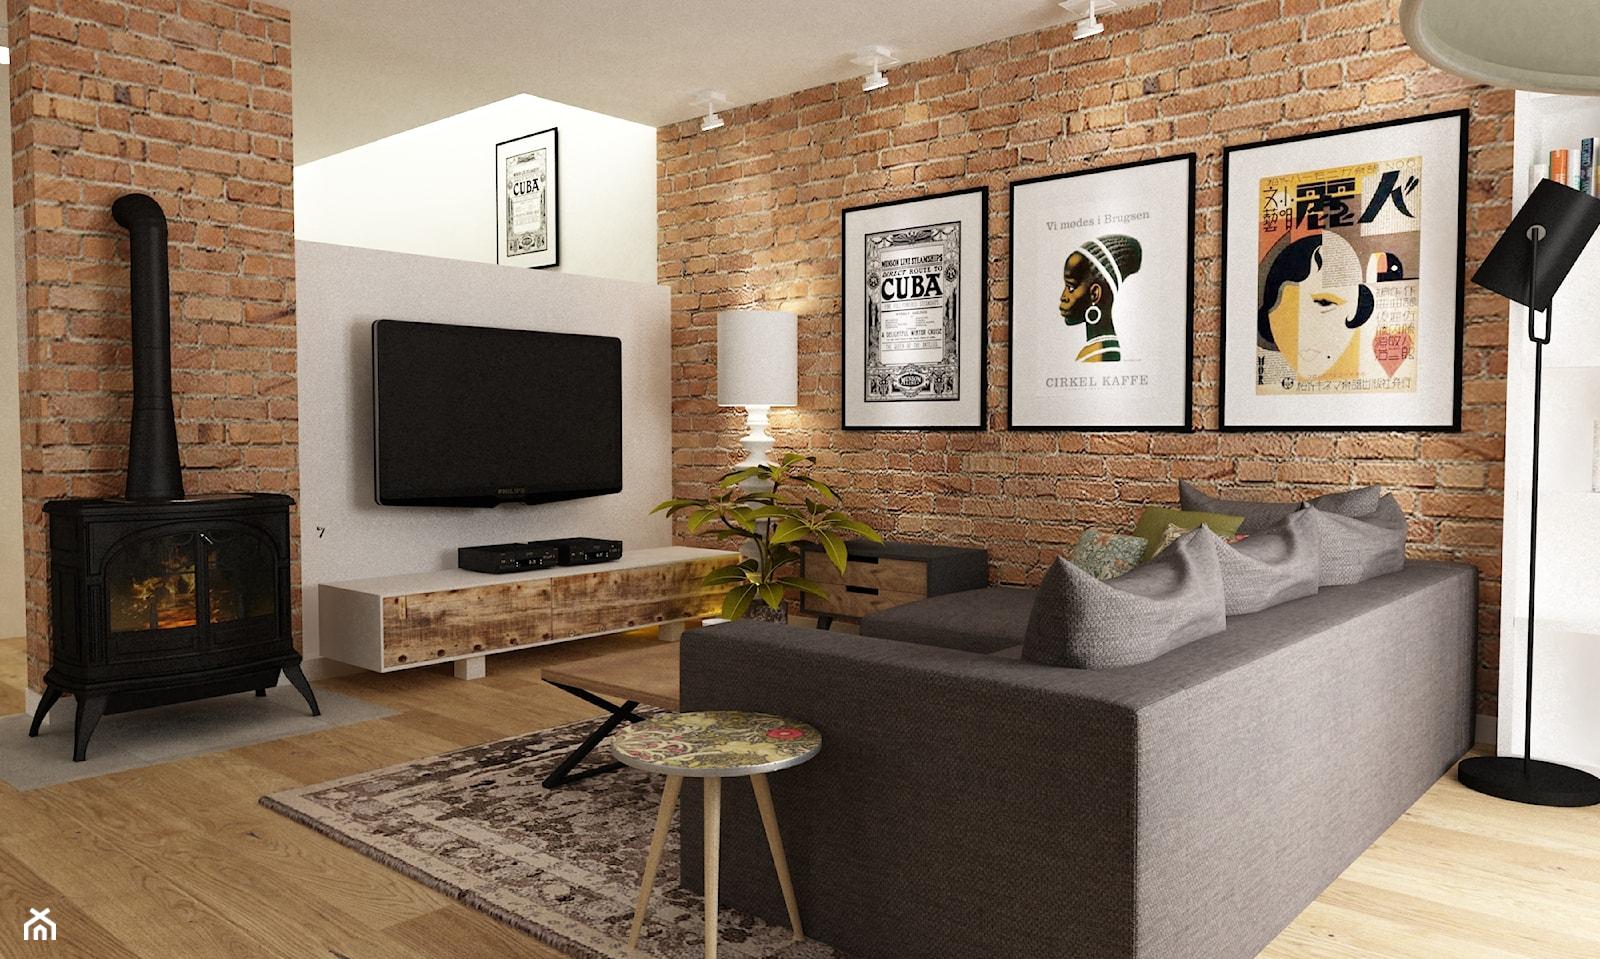 Dom w Stylu Neokolonialnym poznań - Mały biały salon, styl eklektyczny - zdjęcie od Grafika i Projekt architektura wnętrz - Homebook